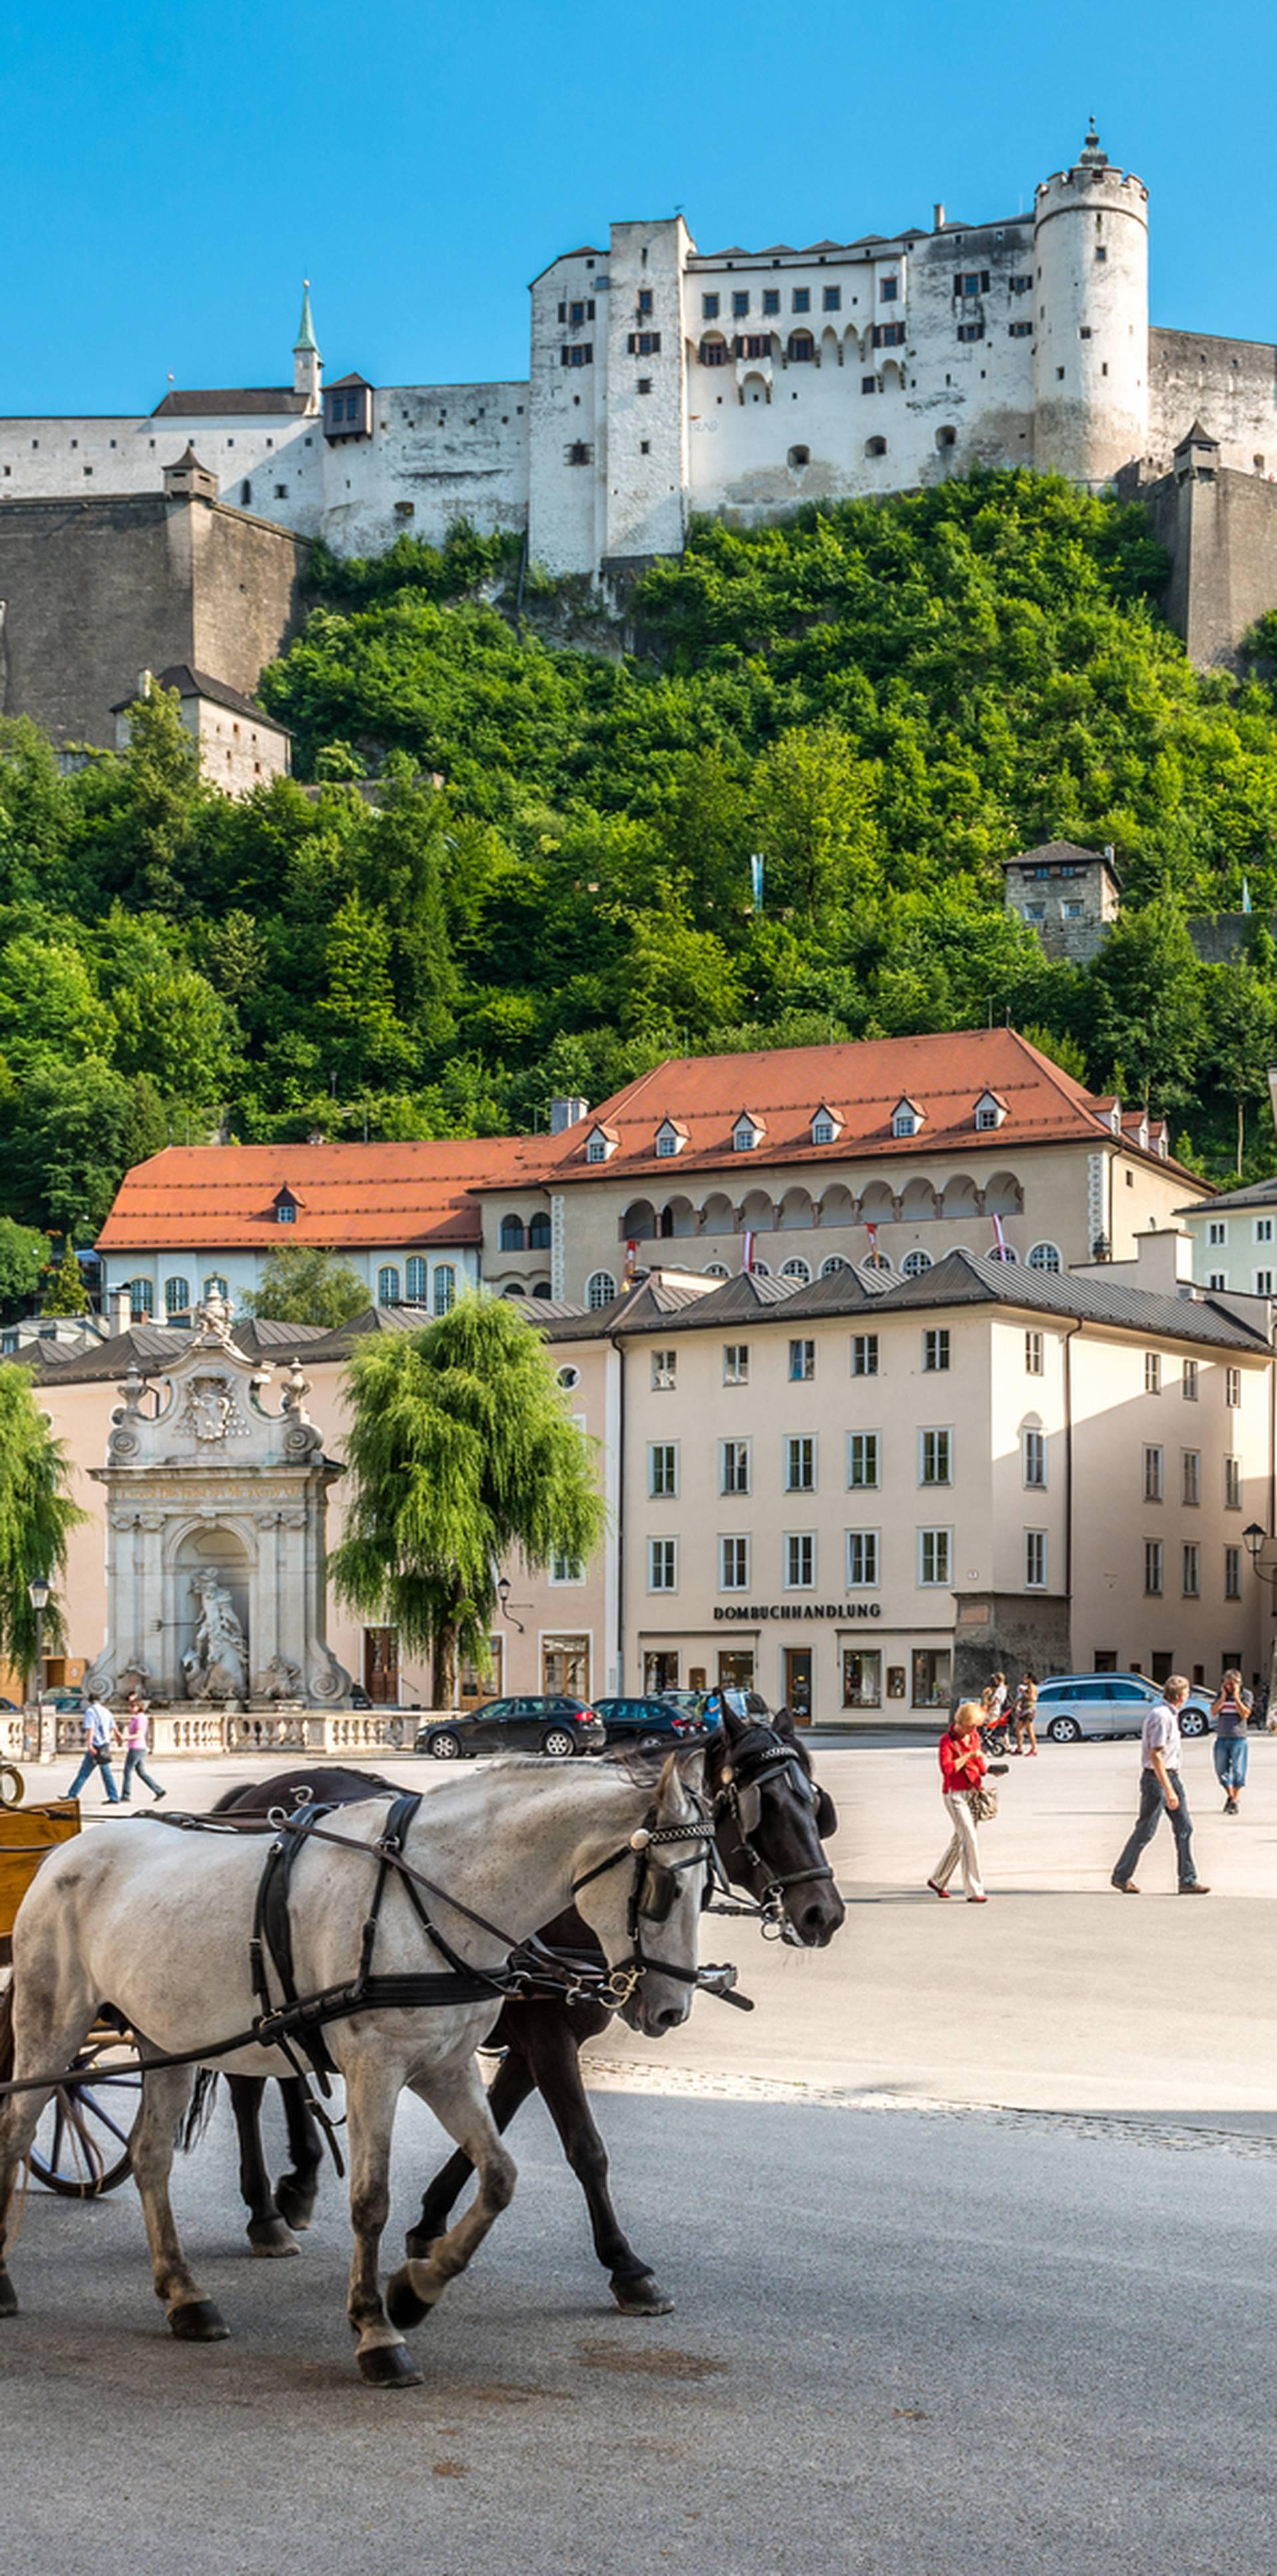 Na planini pokraj Salzburga se nalazi srčana čakra Europe